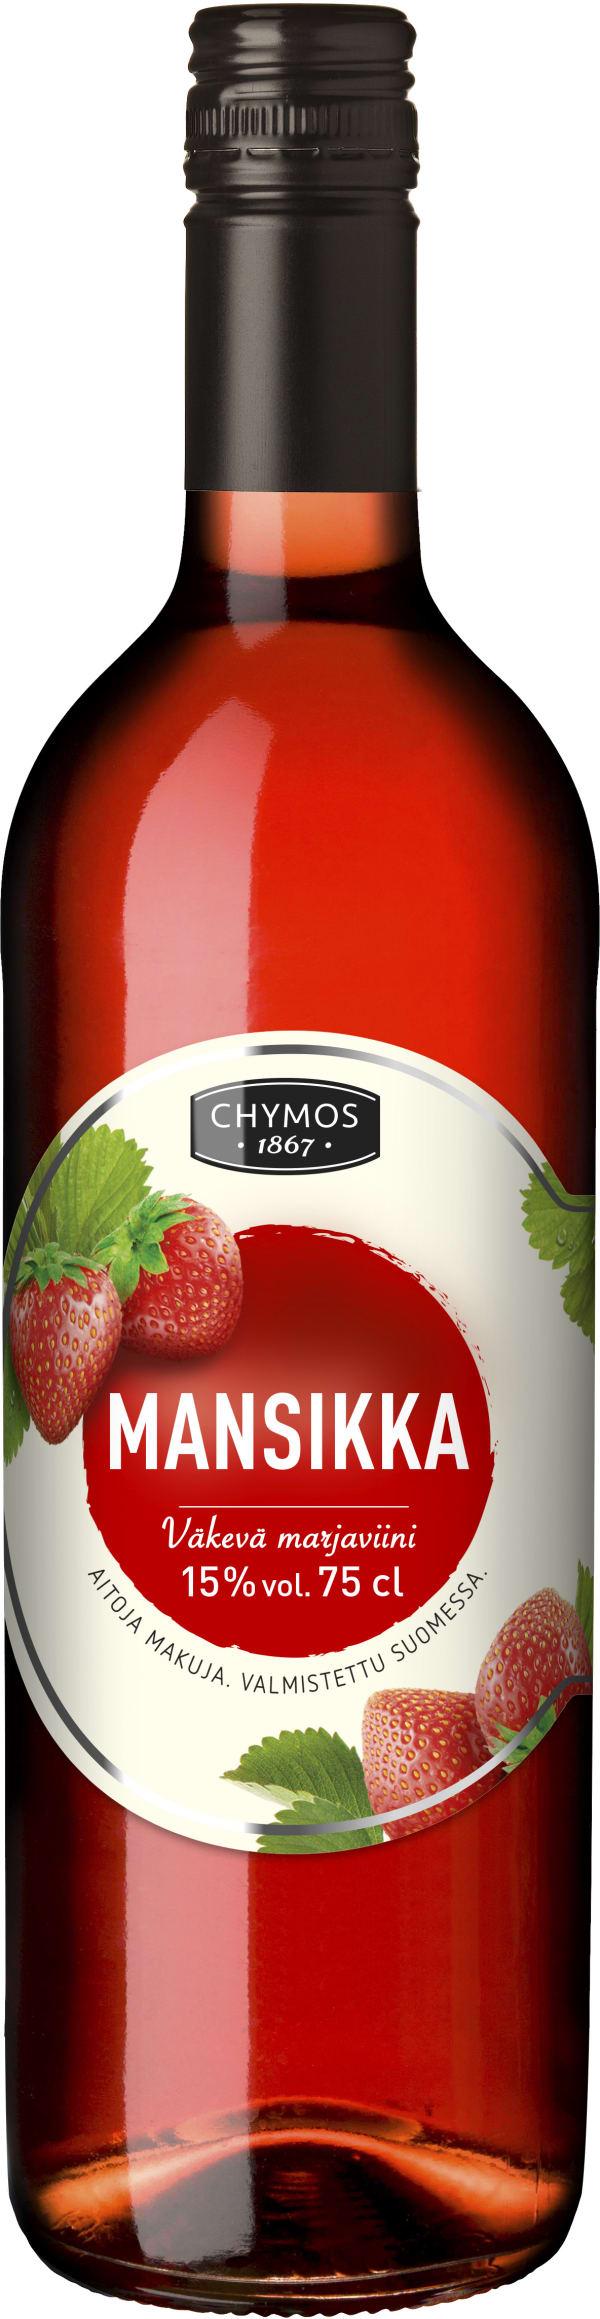 Chymos Mansikka Väkevä Marjaviini